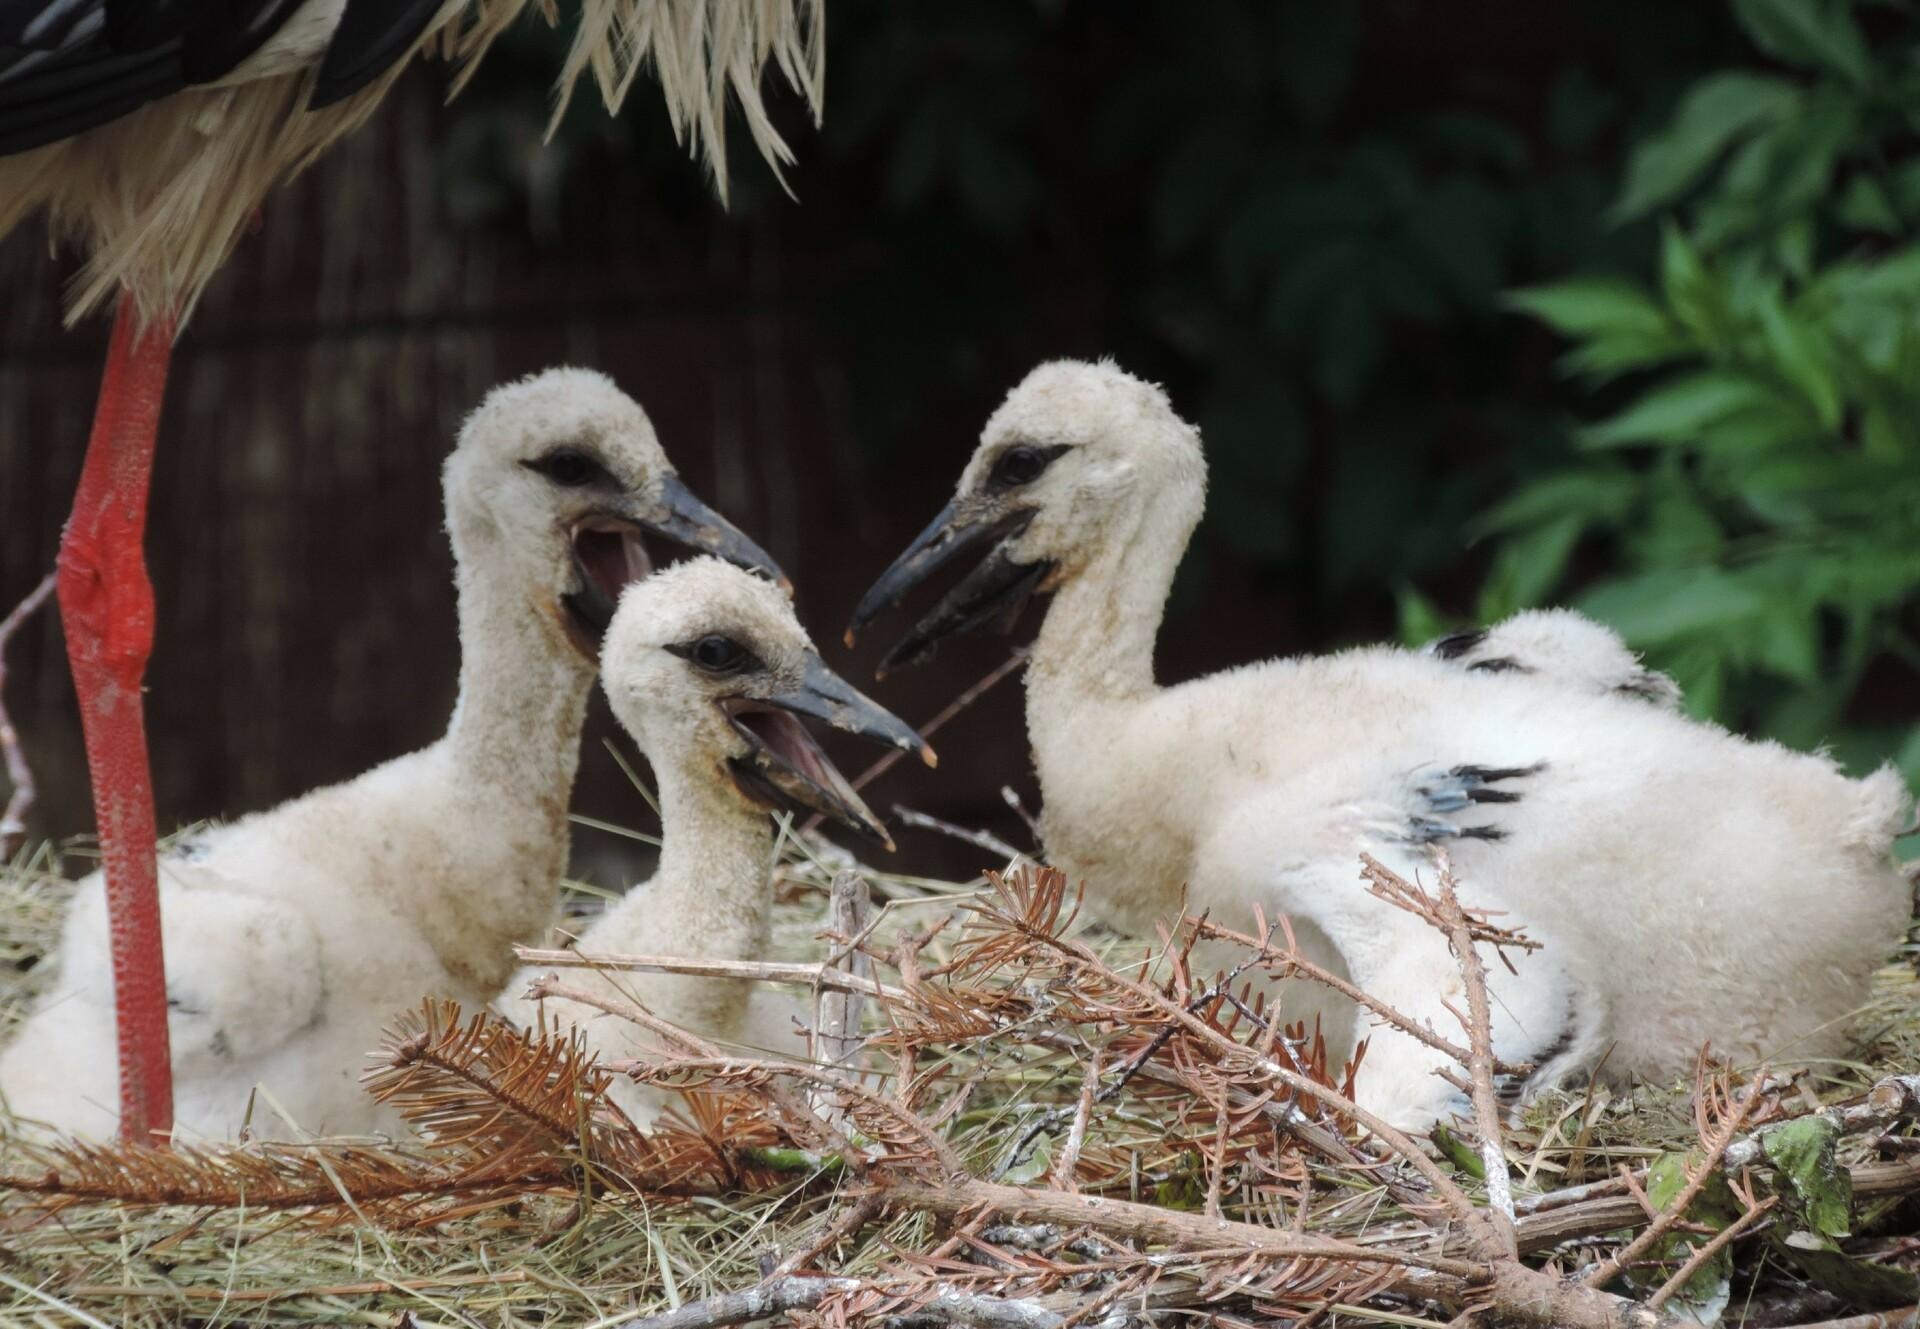 In der EGS Haringsee gibt es Storchen-Nachwuchs. (c) VIER PFOTEN